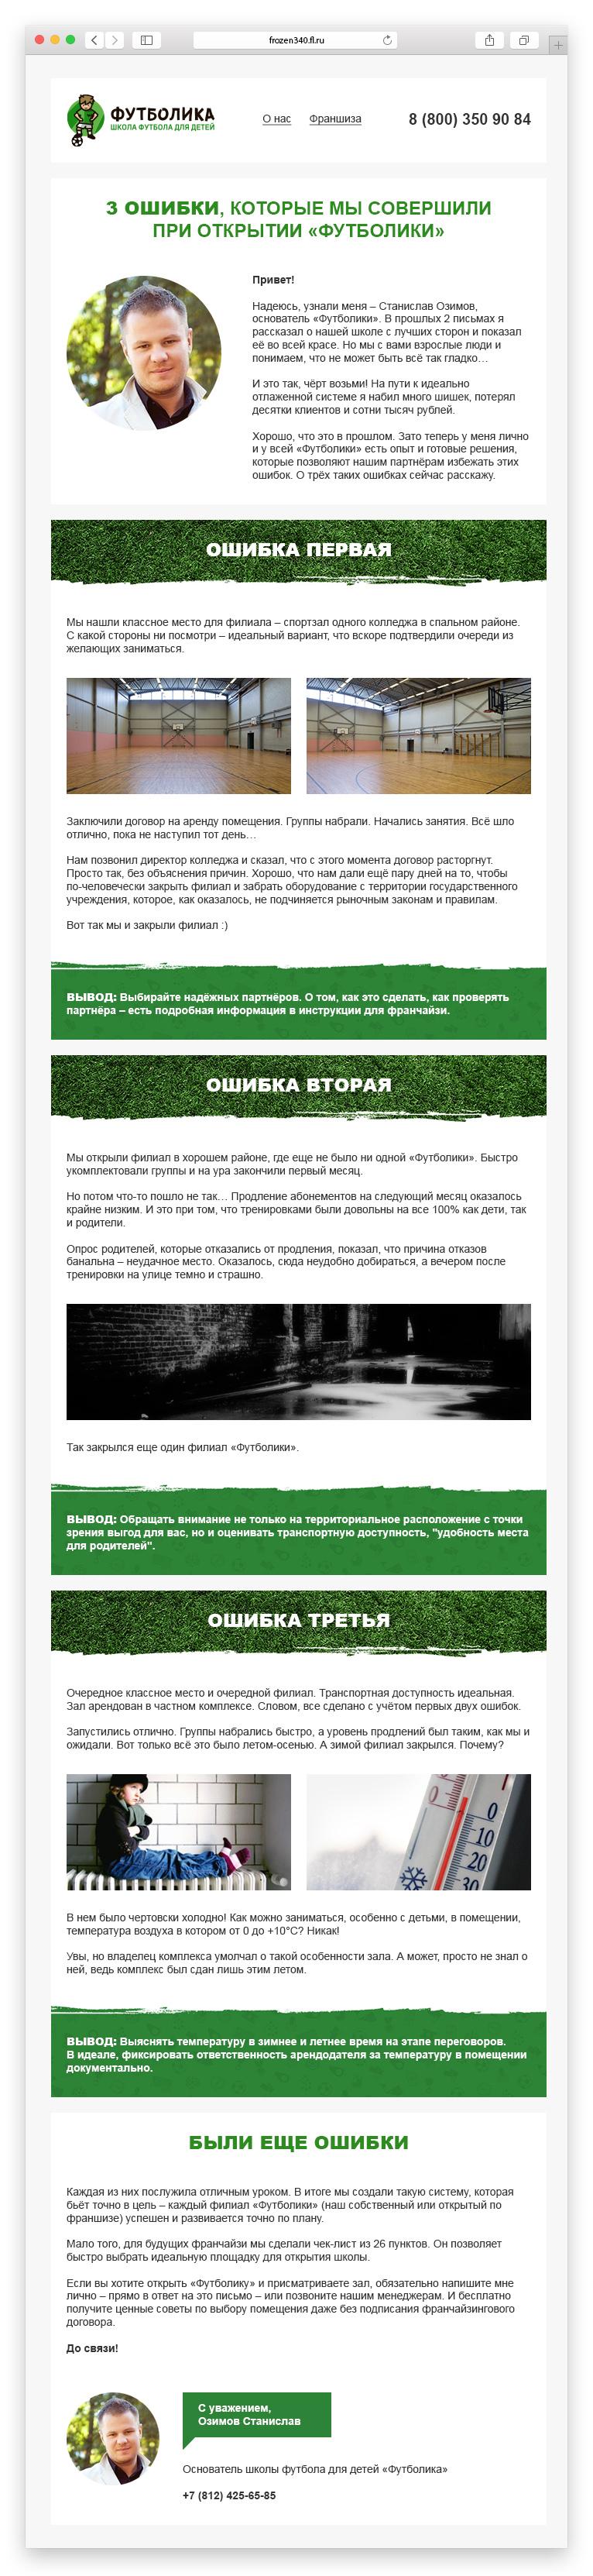 Футболика (E-mail)